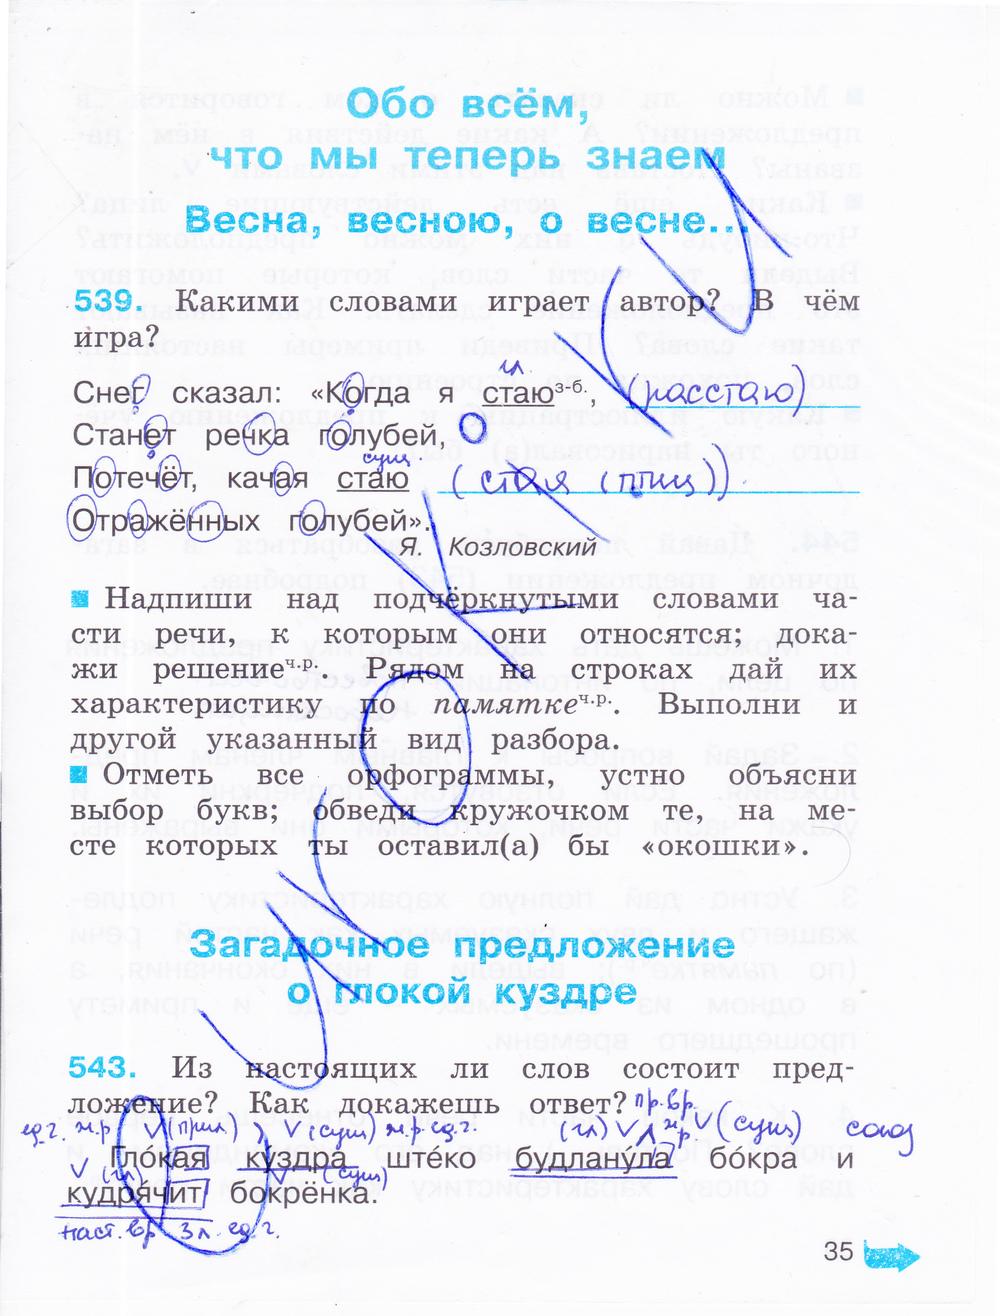 ГДЗ по русскому языку 3 класс рабочая тетрадь Соловейчик, Кузьменко Часть 1, 2, 3. Задание: стр. 35